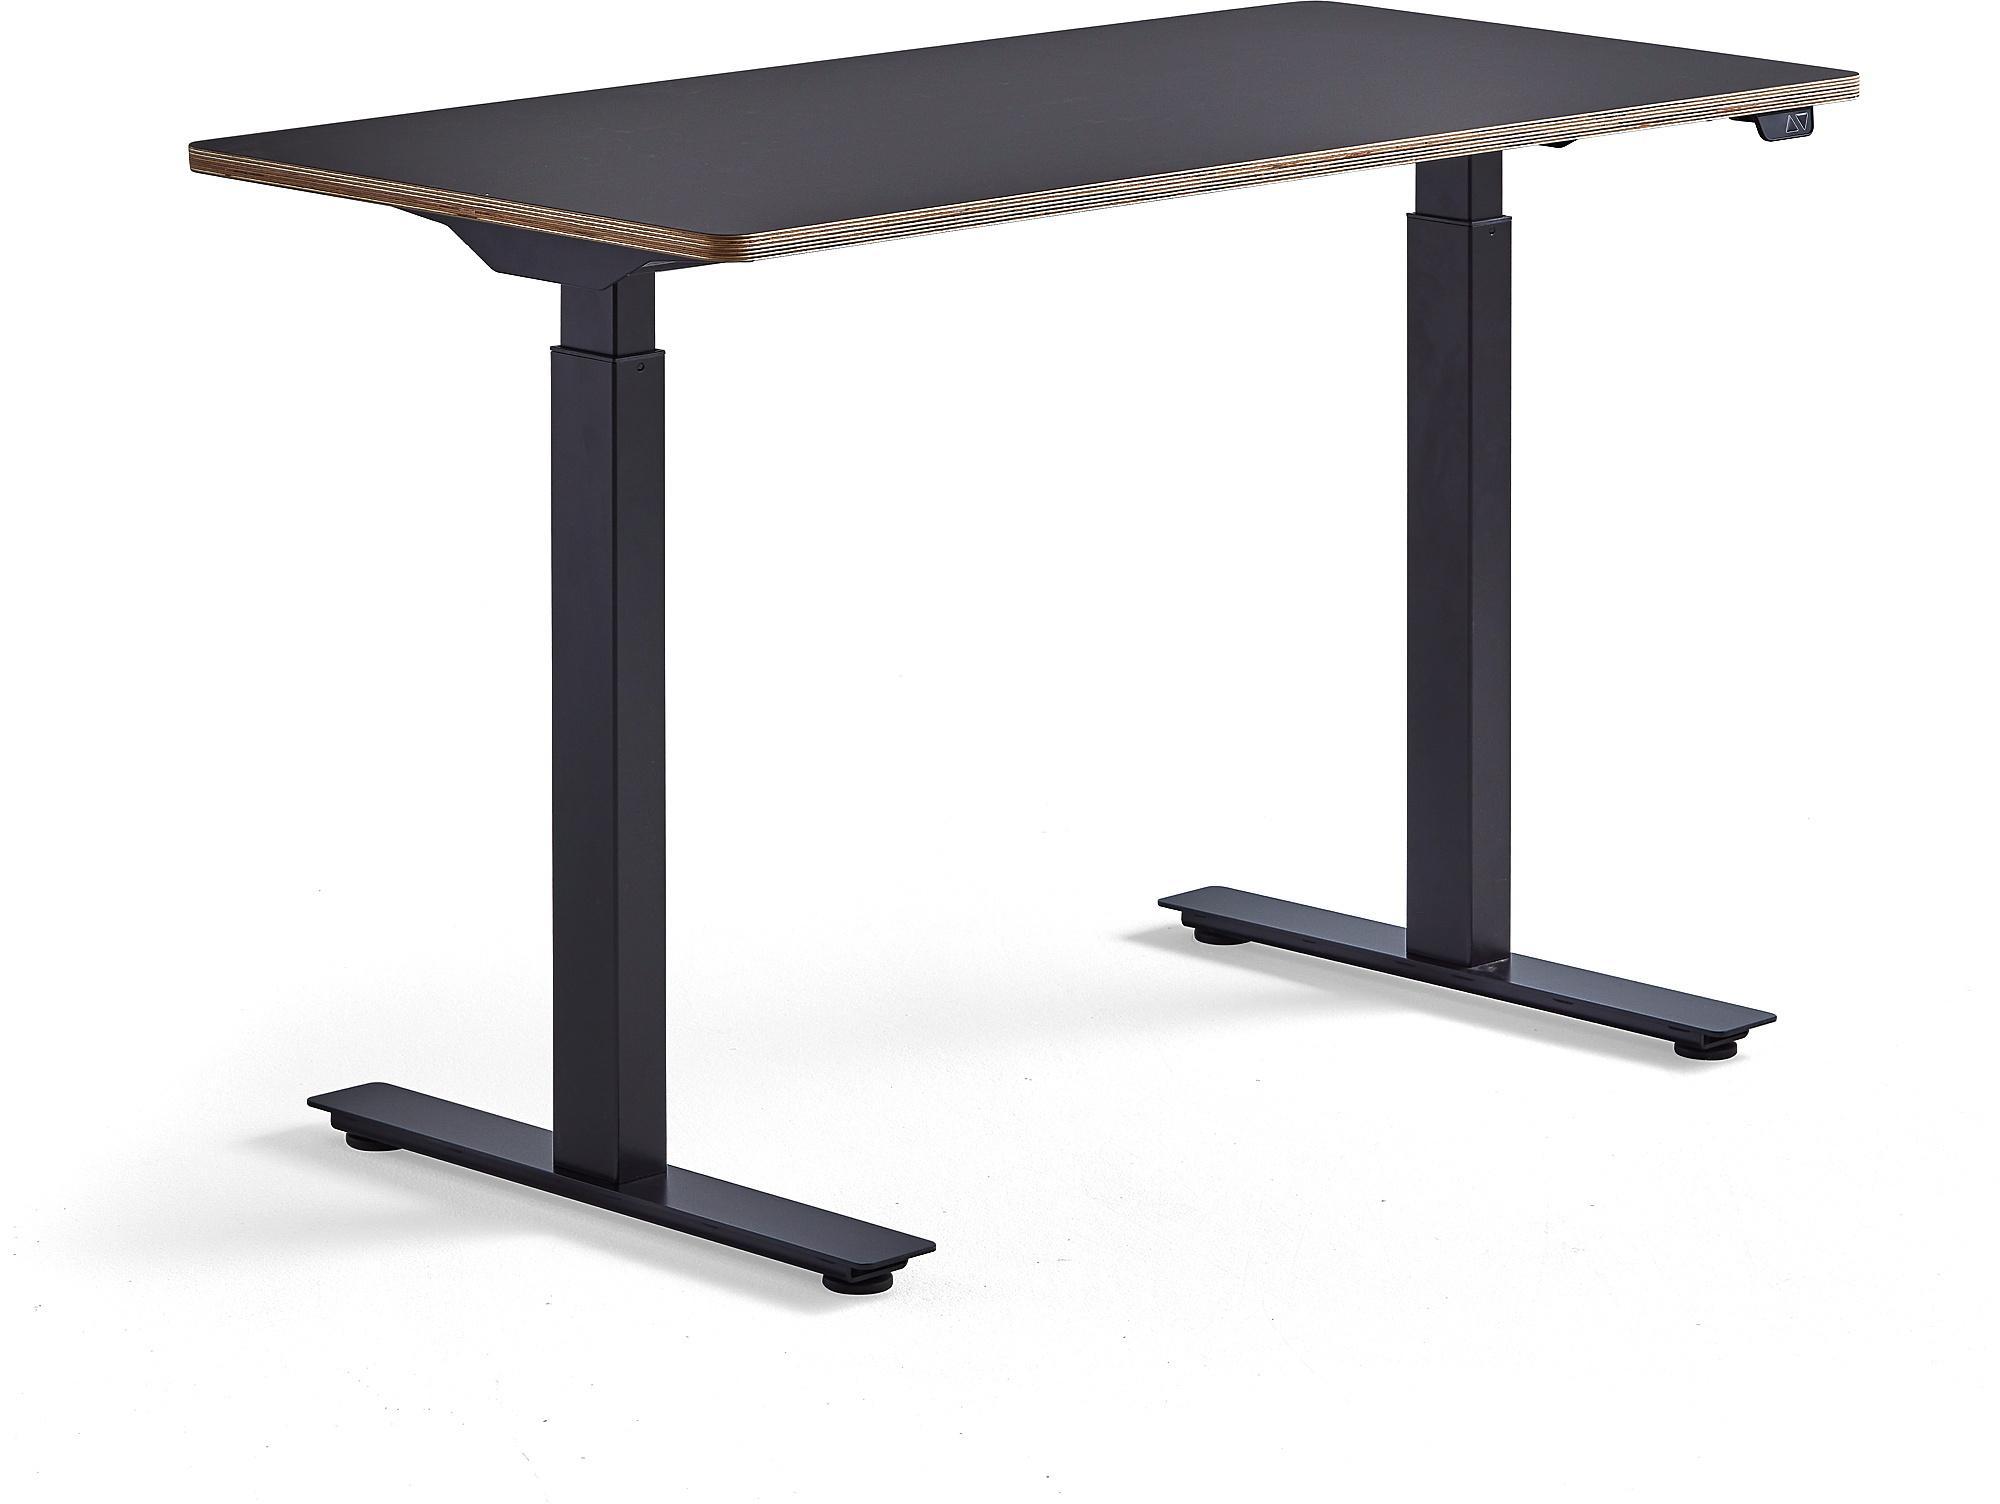 Výškovo nastaviteľný stôl Novus, 1200x600 mm, čierny rám, čierna doska